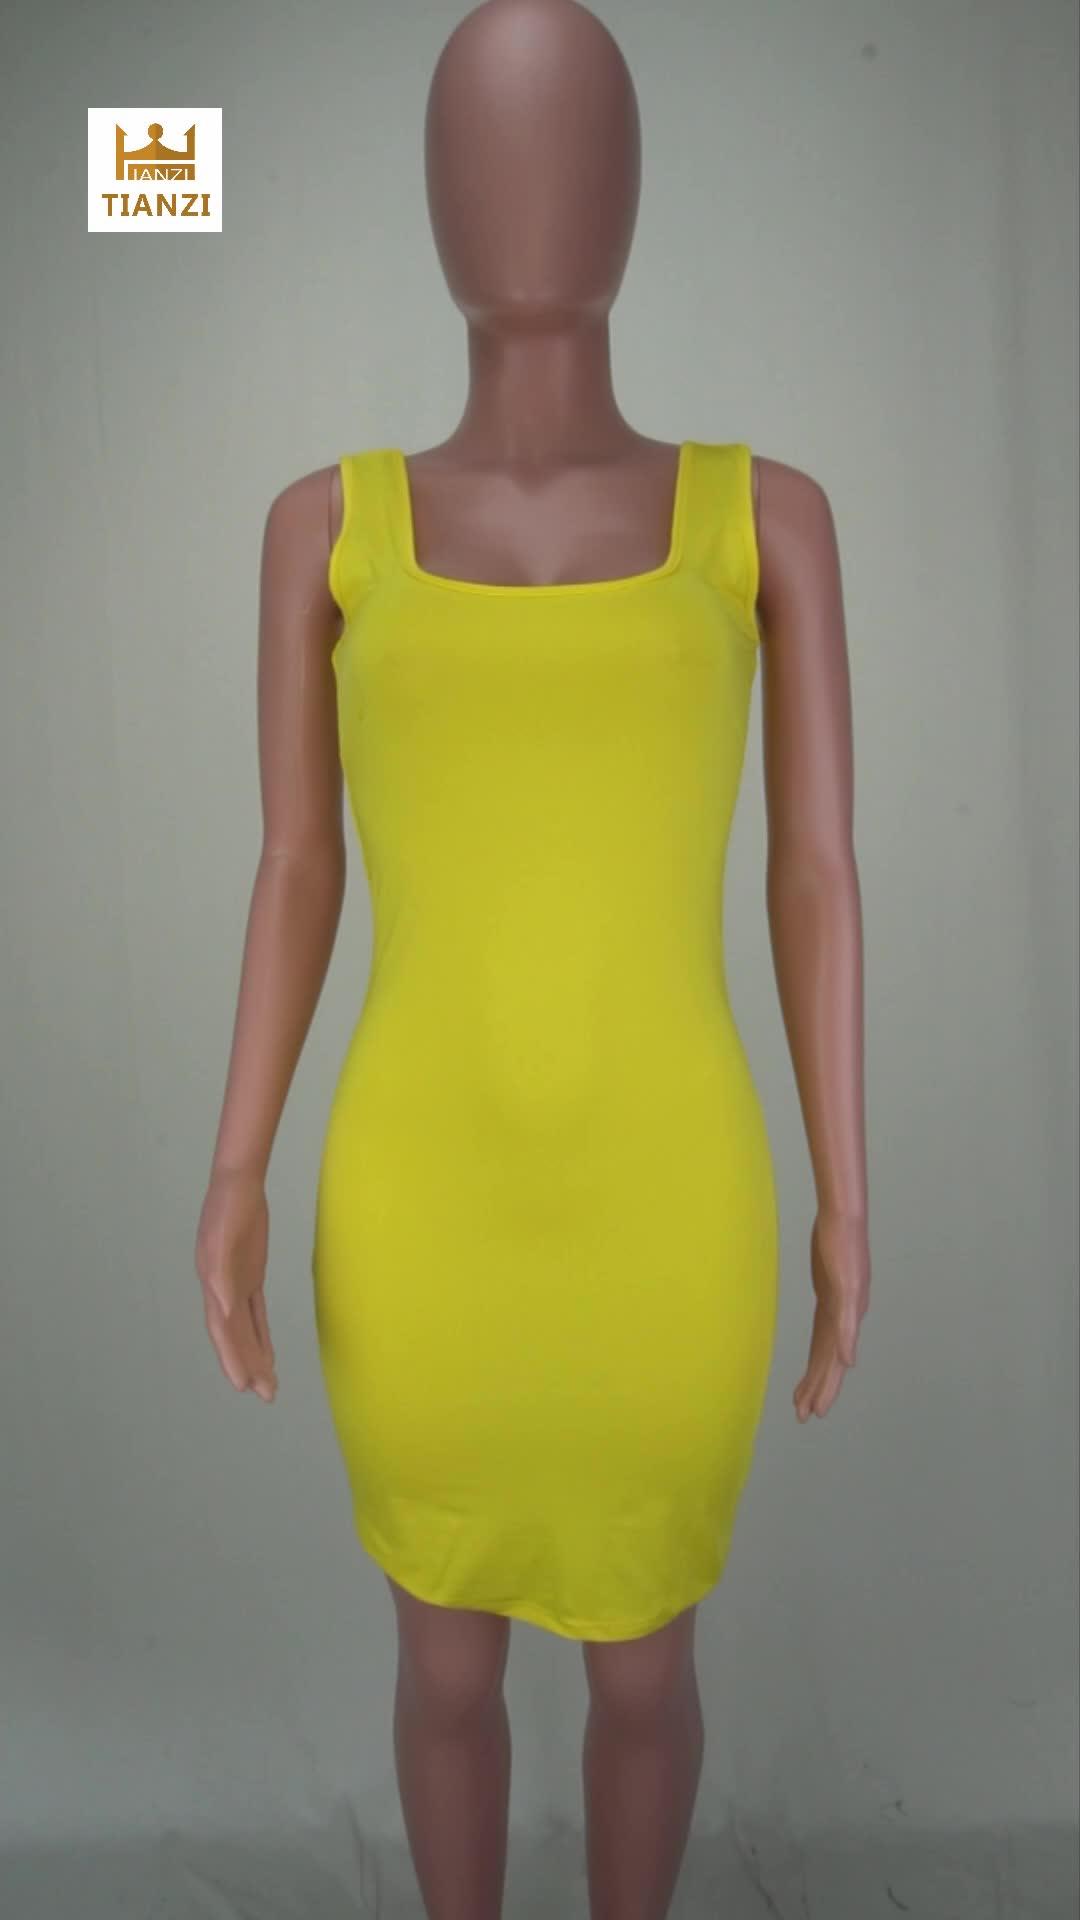 Venda quente mulheres verão 2020 ocasional sólida básica vestidos bandage bodycon